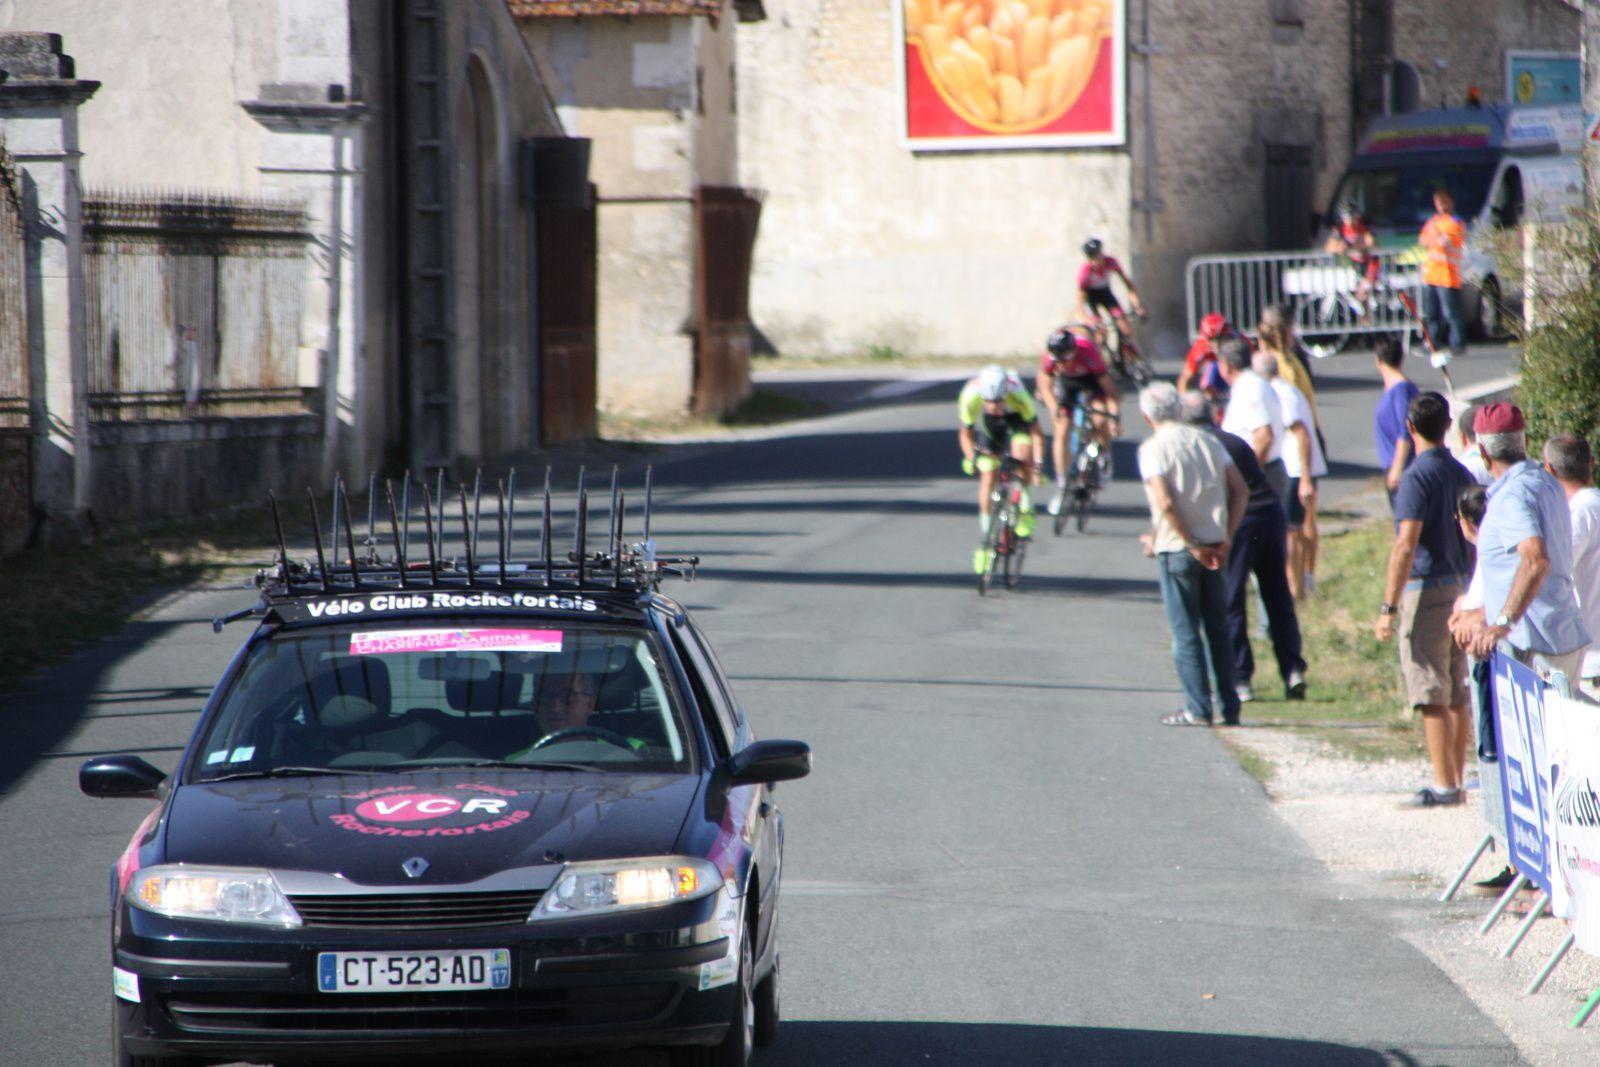 L'arrivée    Simon  BRUET (EC 3M) prend  le  dernier  virage  en  tête  et  remporte  la  victoire, 2e  Emmanuel  BELLIN(UV  Poitiers), 3e  Jérémy  BELIN(Mérignac  VC), 4e  Quentin  CLISSON(Angouléme  VC), 5e  Thibaut  CIGANA(Mérignac  VC), 6e  Axel  TREFFANDIER(UVA)